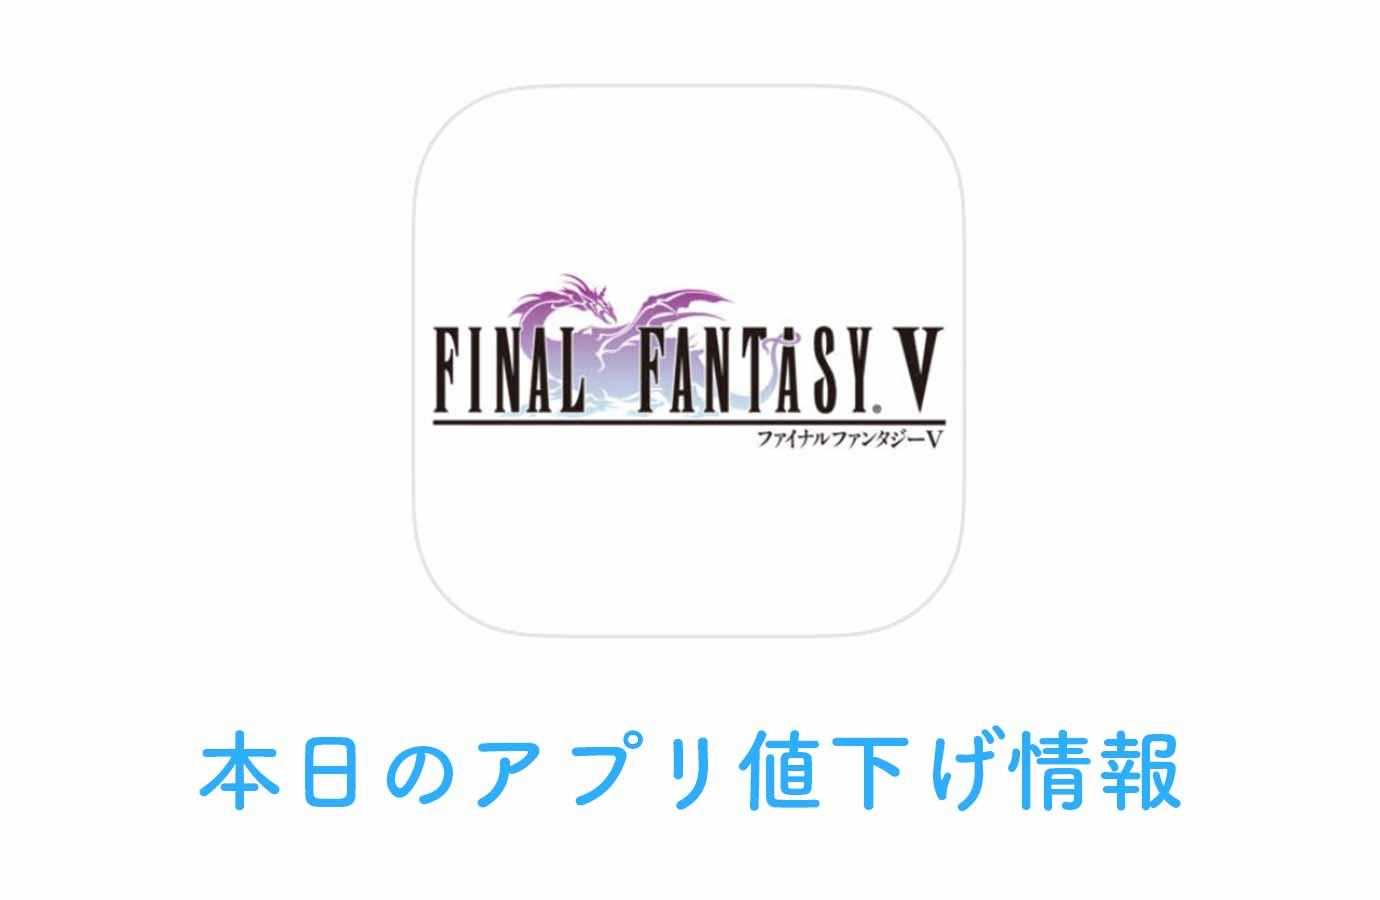 1,800円→840円!FFシリーズの名作のひとつ「FINAL FANTASY V」など【7/15版】アプリ値下げ情報